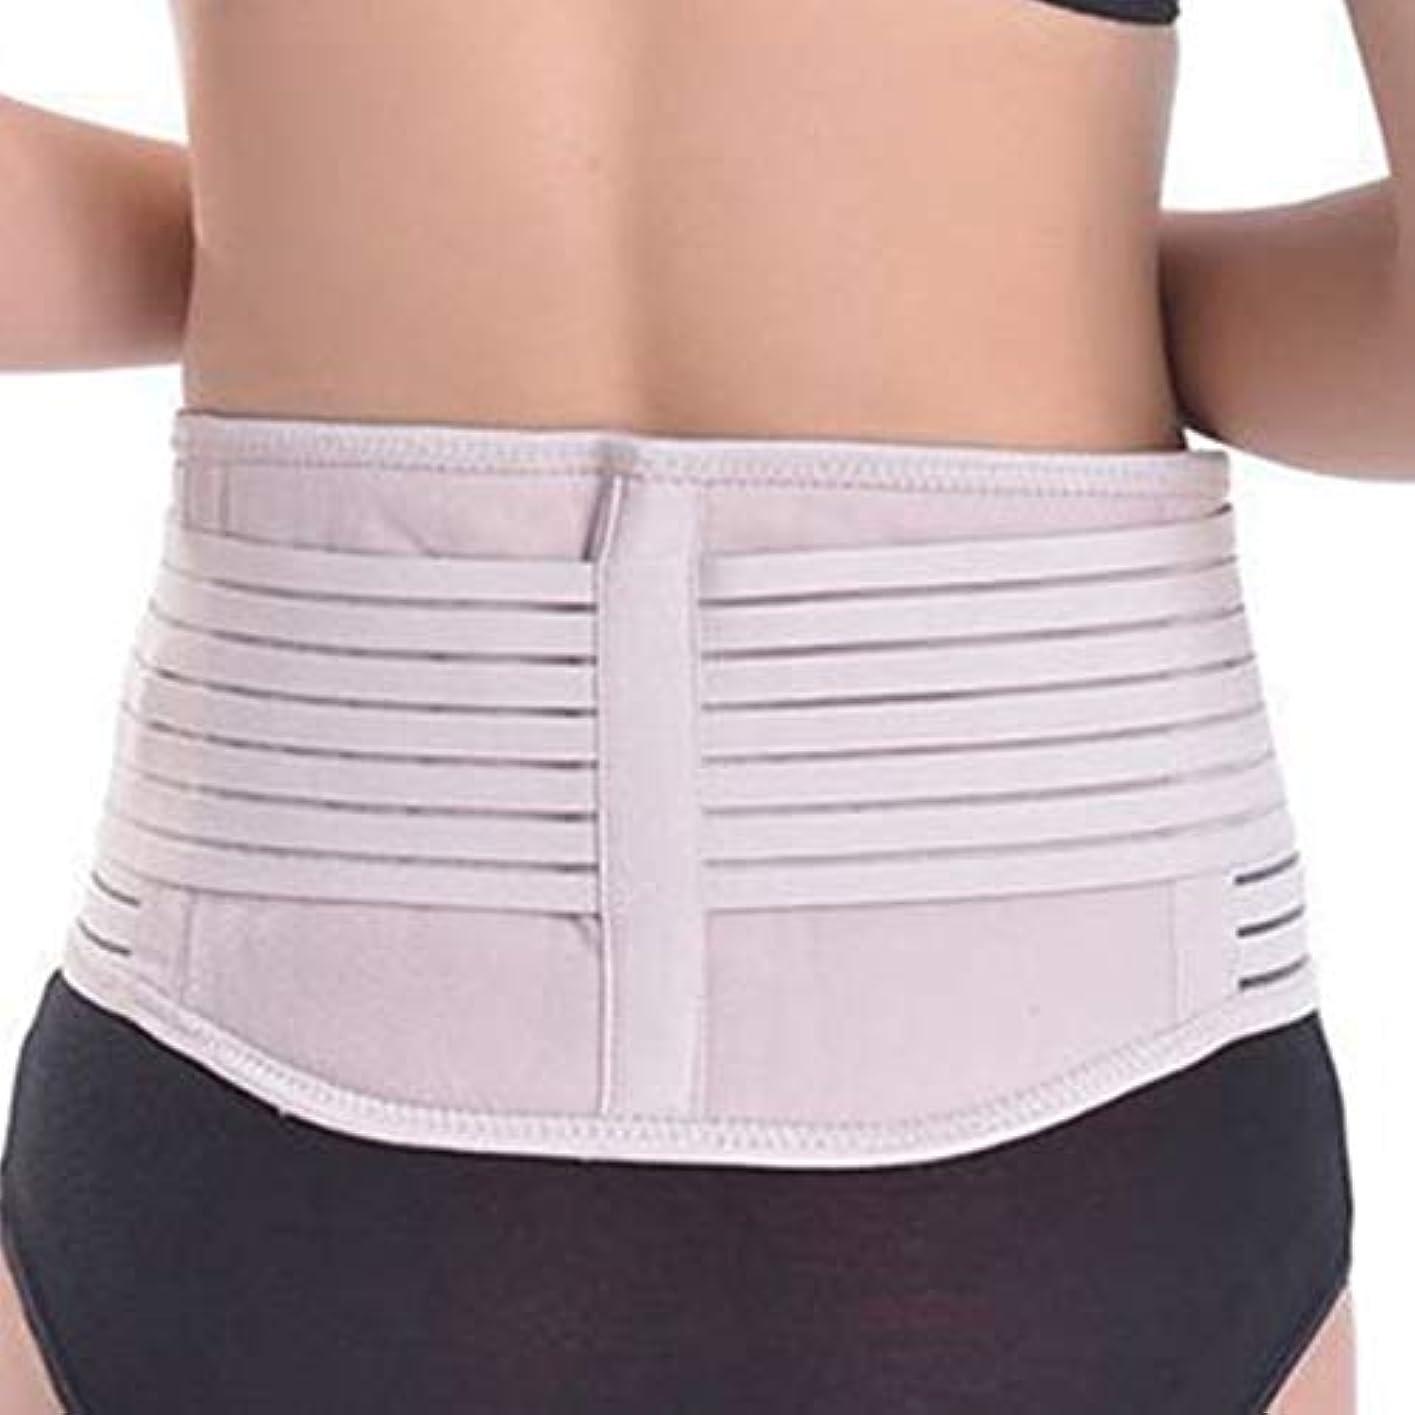 ドラマバット熱帯のダブルプルランバー調節可能なサポート腰ベルトブレース痛みリリーフスポーツ保護磁気